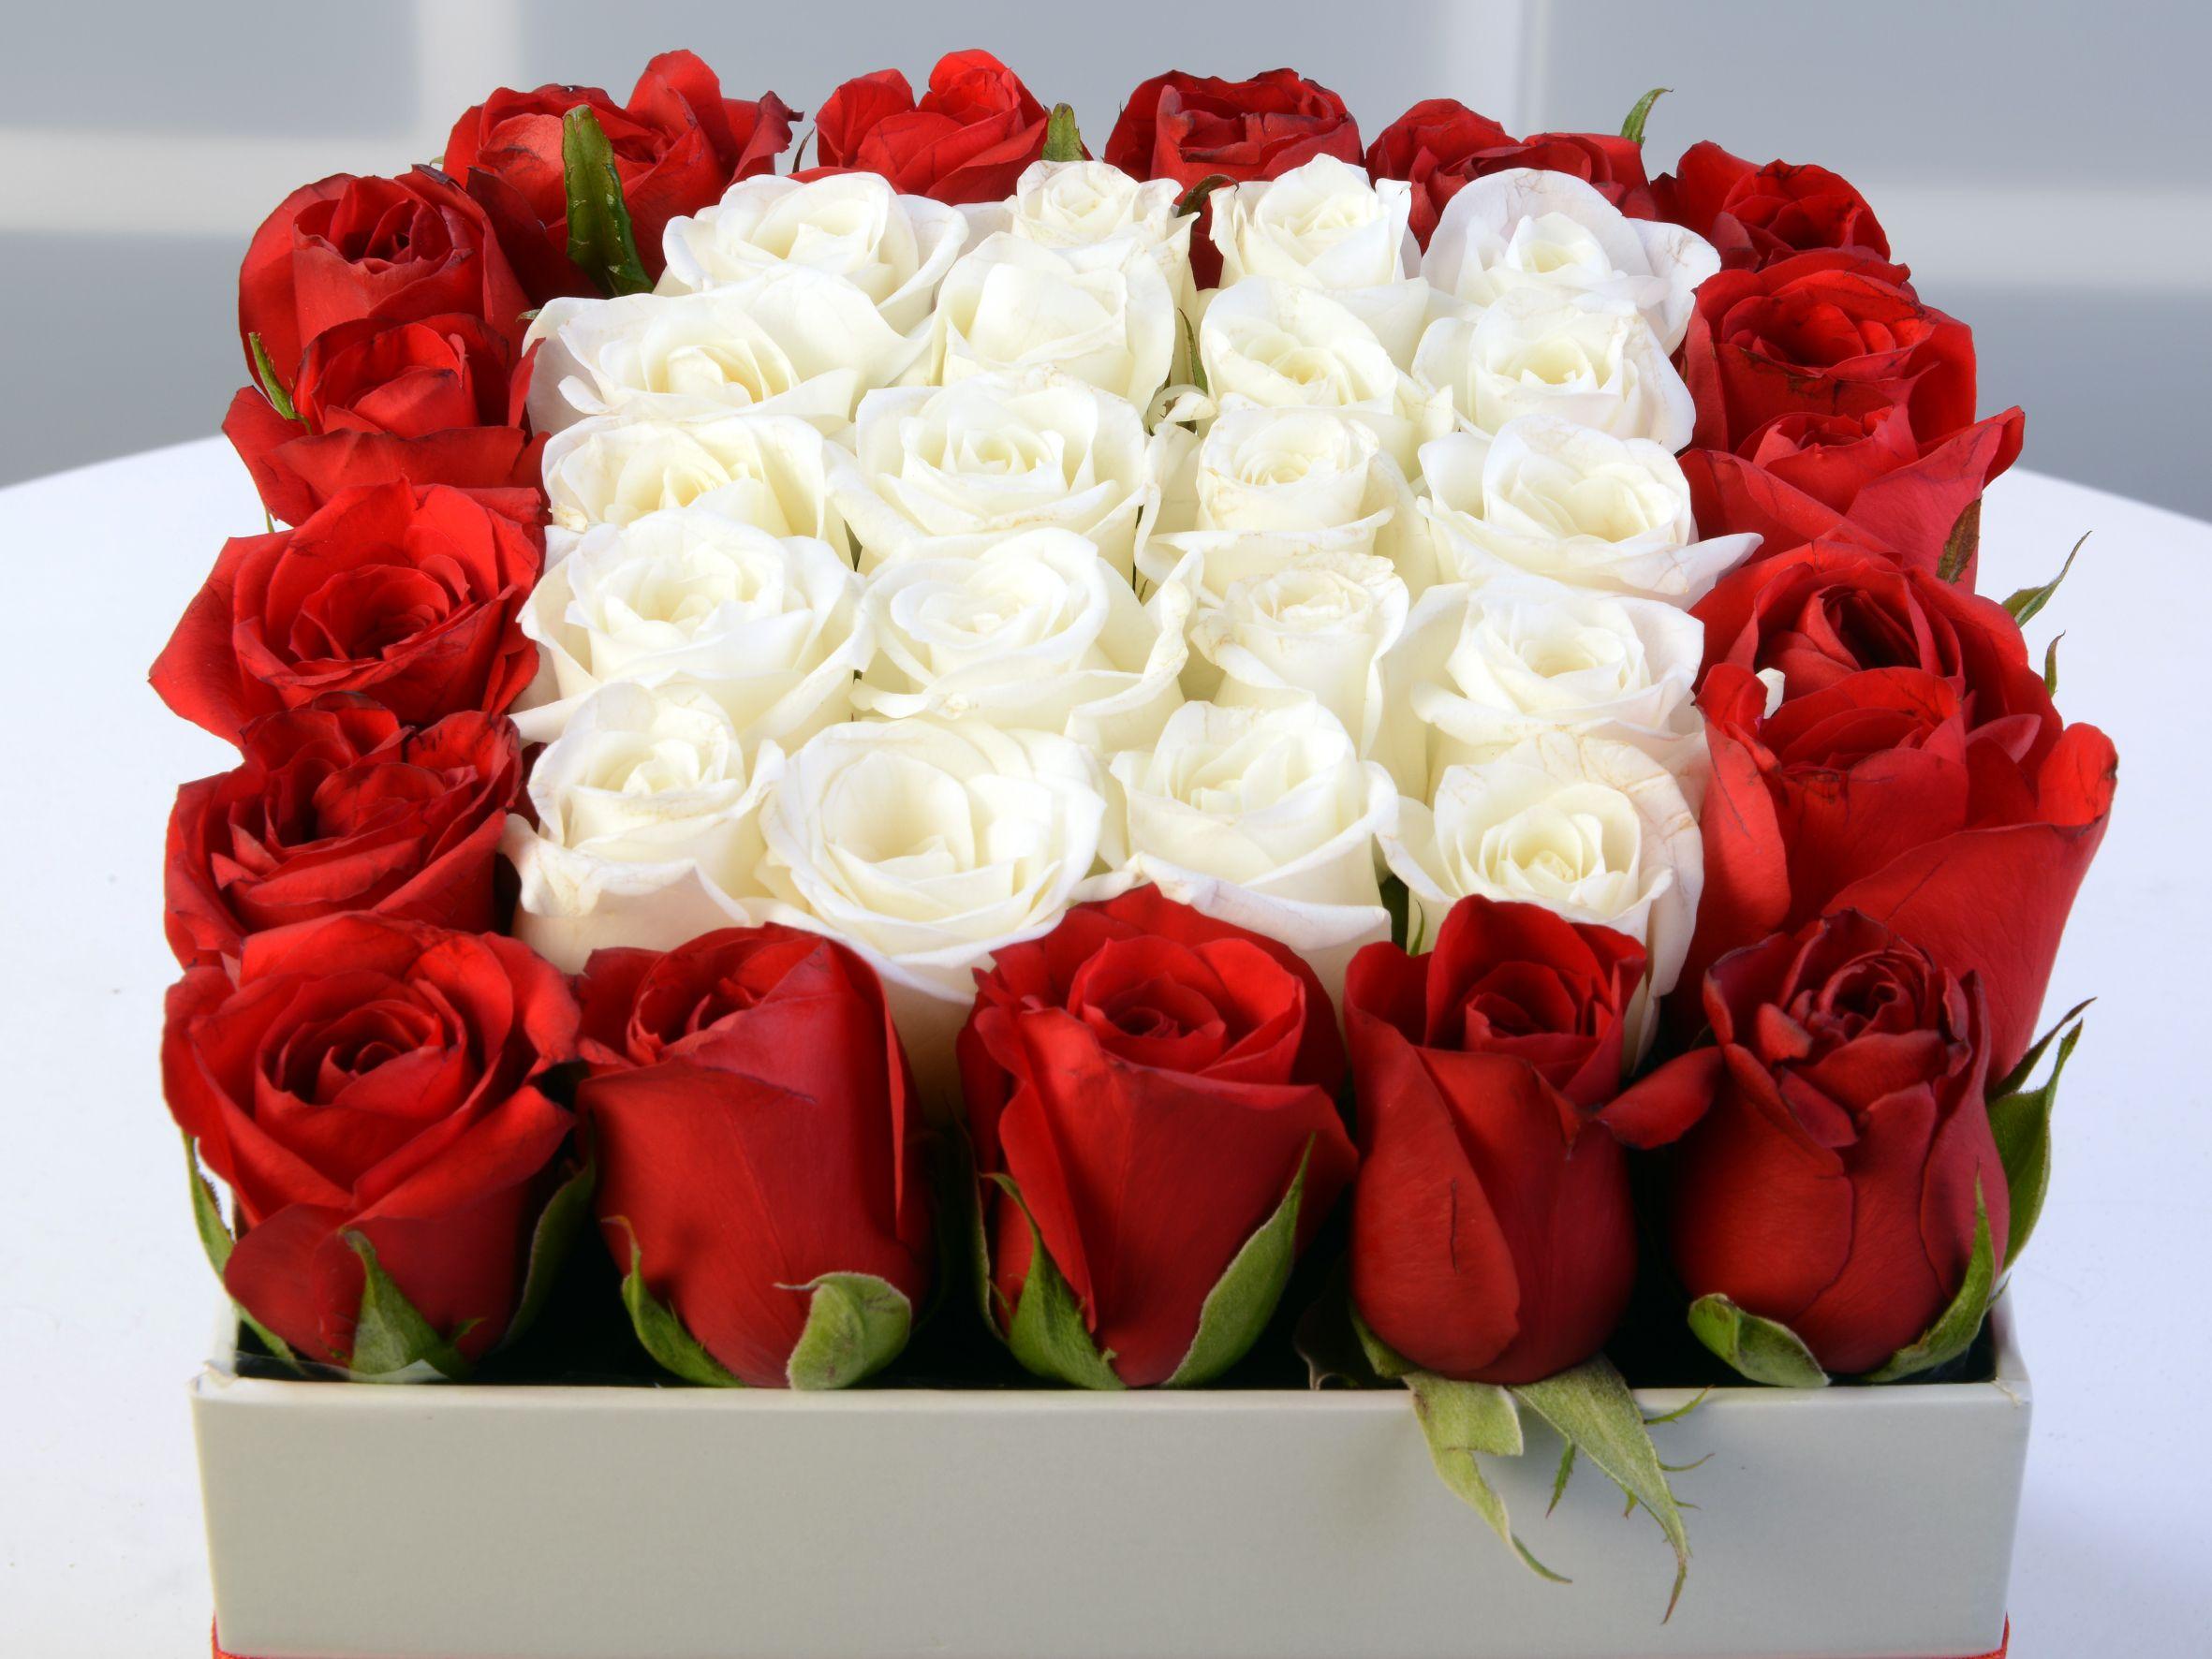 Beyaz Kare Kutuda Gül Aranjmanı Kutuda Çiçek çiçek gönder